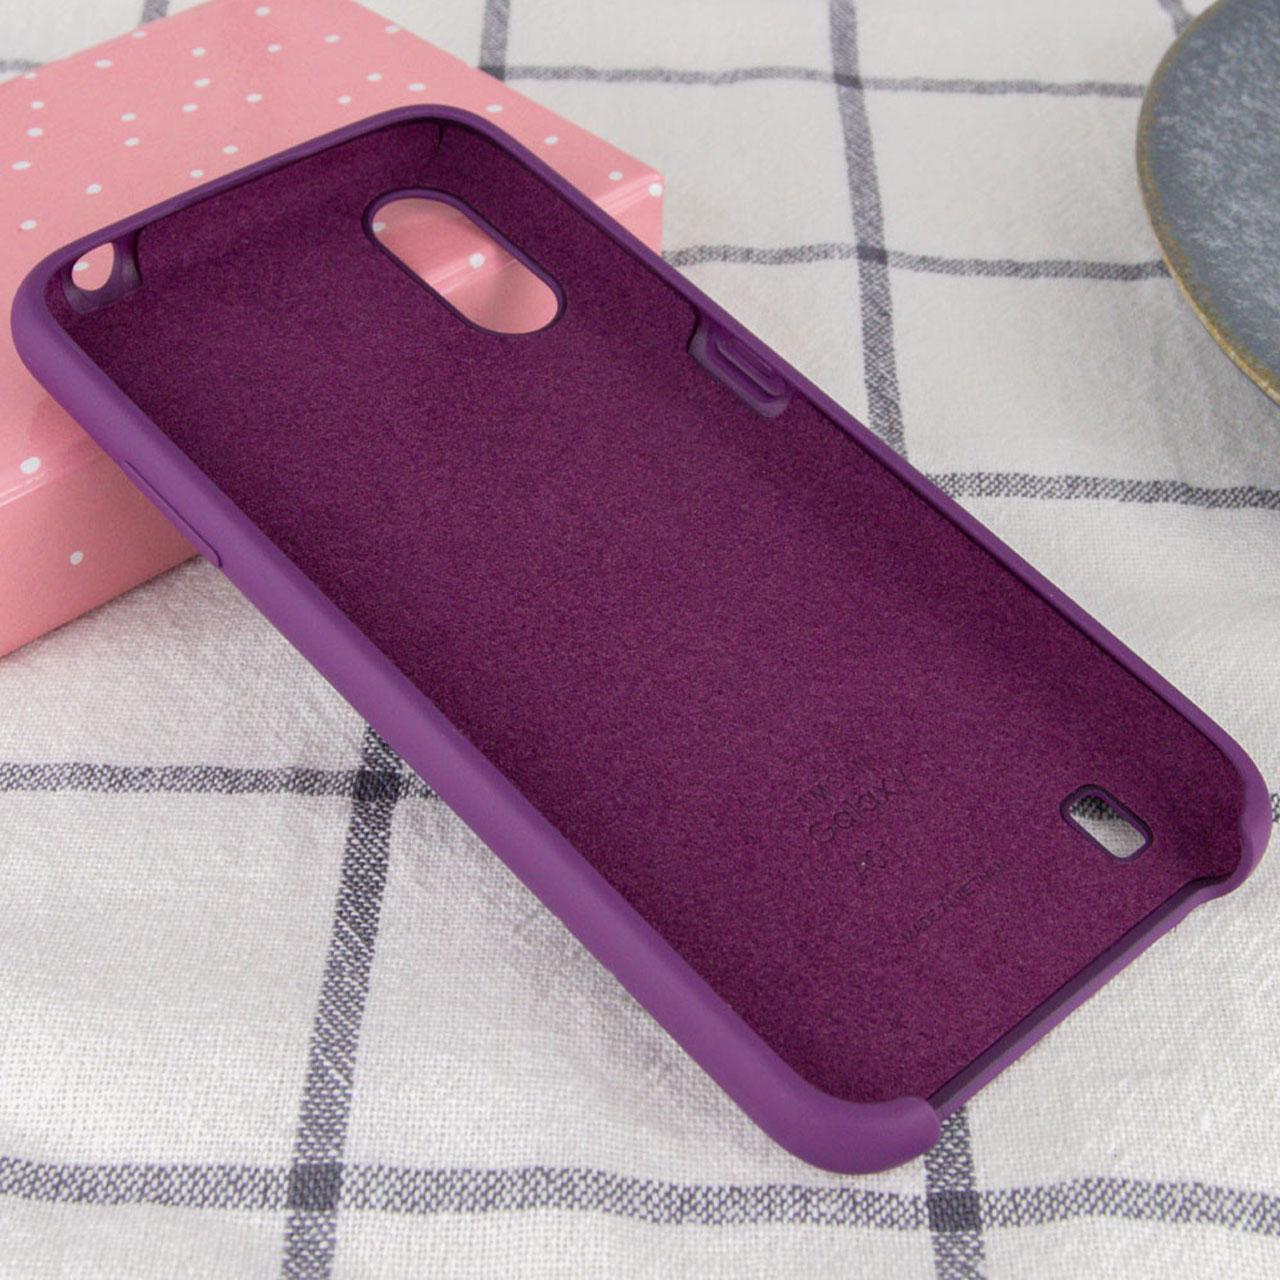 کاور مدل SLCN مناسب برای گوشی موبایل سامسونگ Galaxy A01 main 1 17